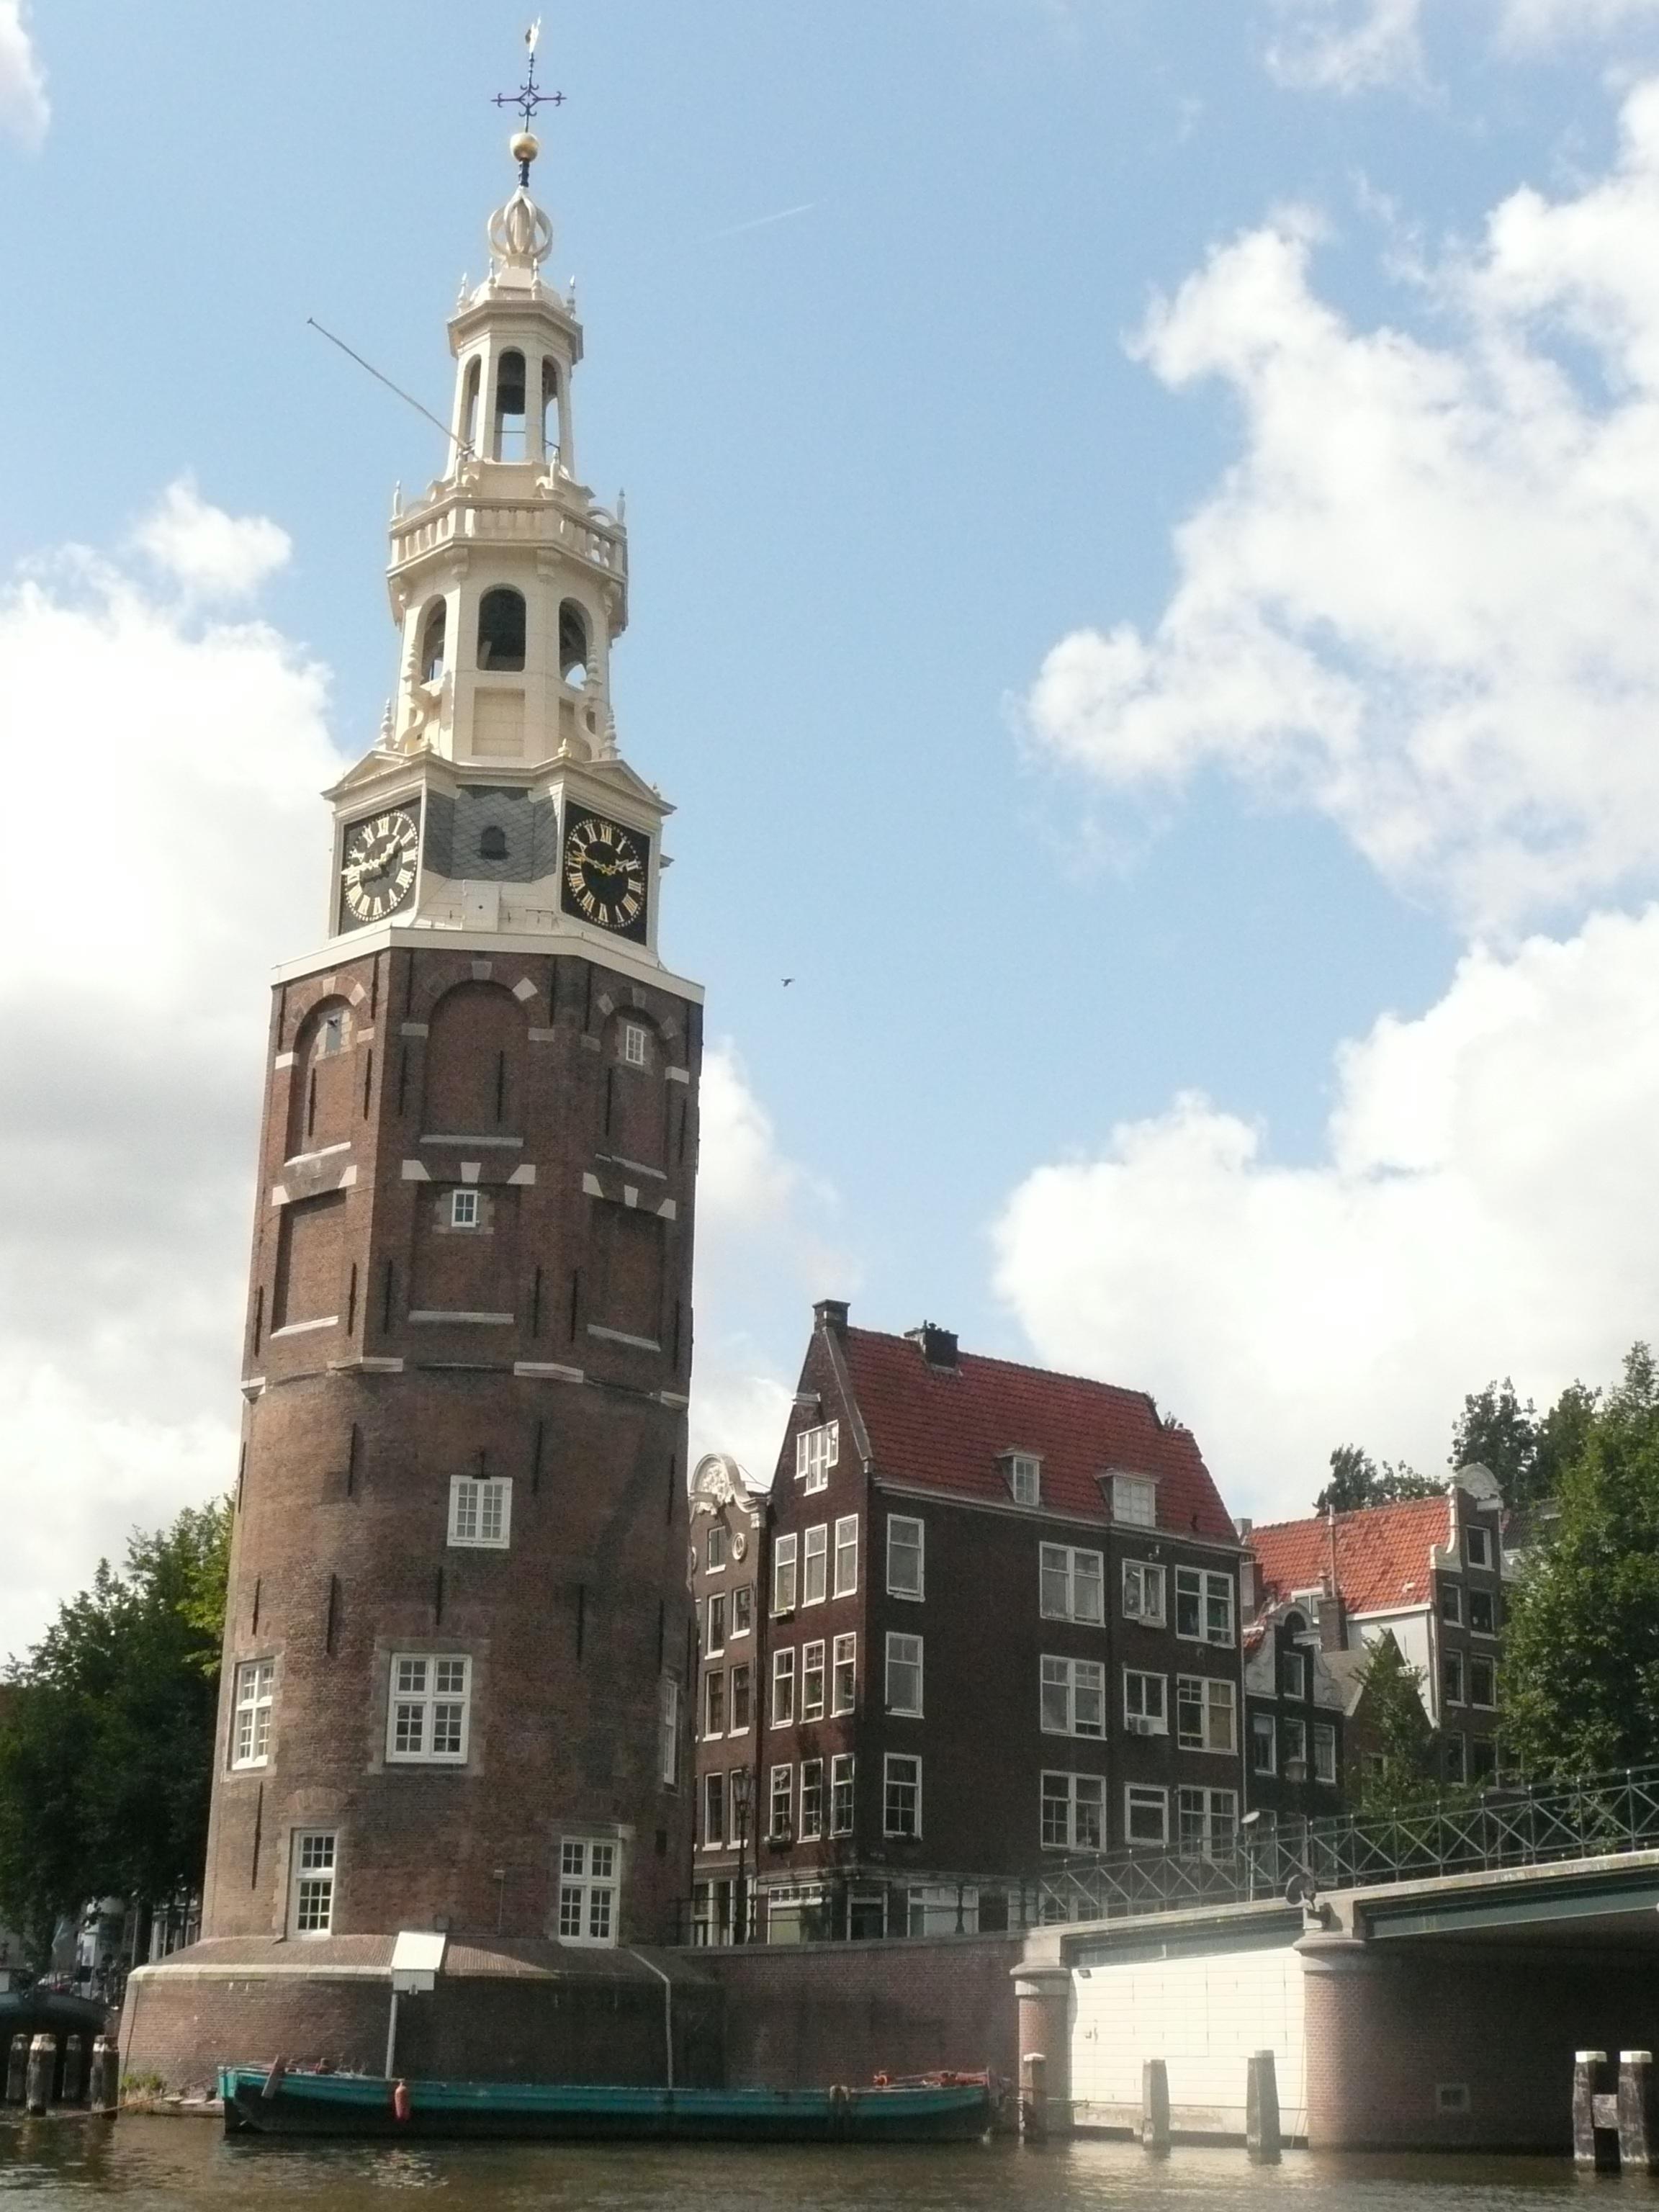 Gratis Afbeeldingen Stad Toren Mijlpaal Kerk